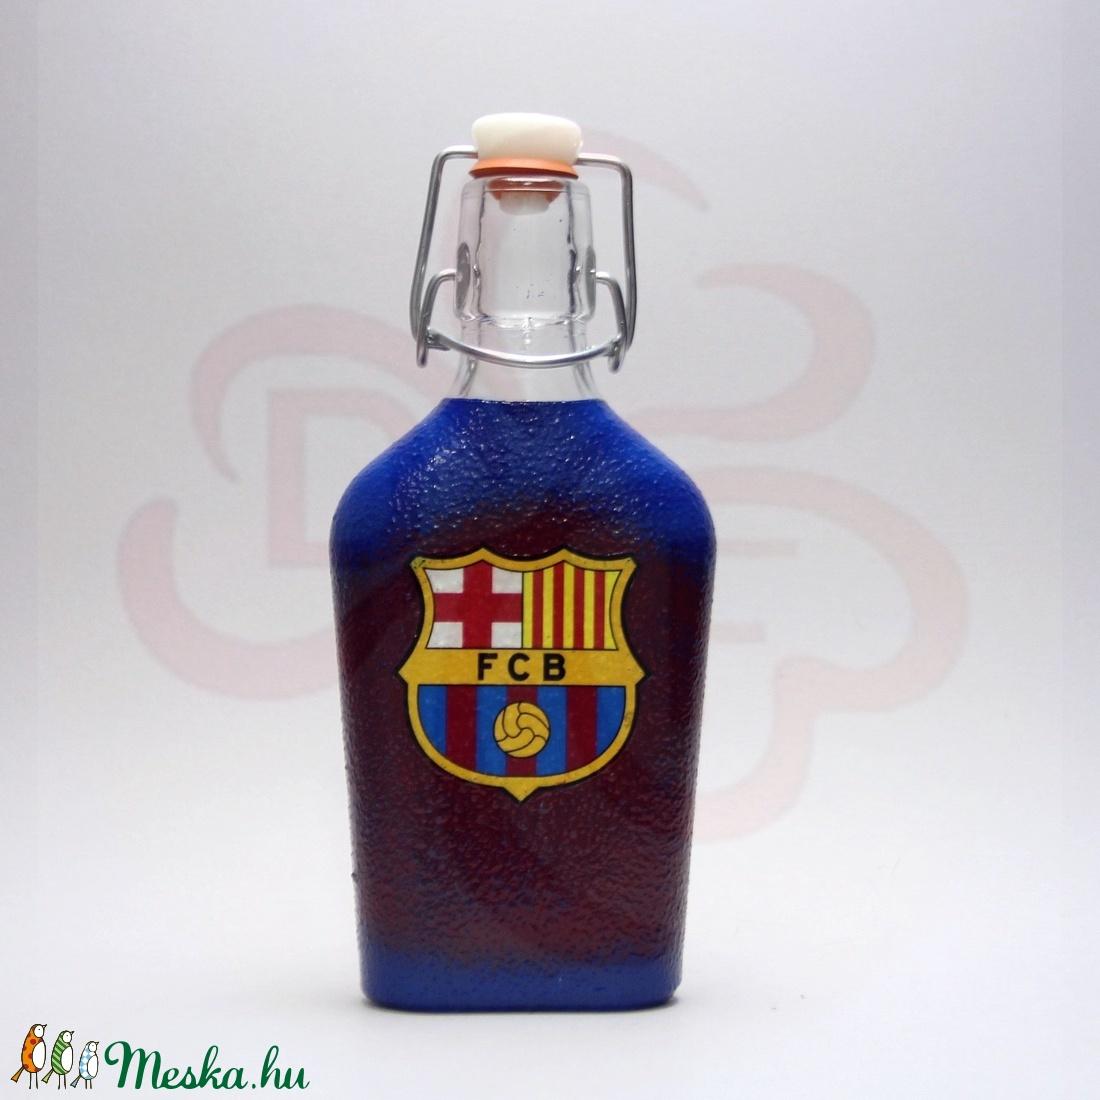 FC Barcelona kis csatosüveg ; Barcelona futball szurkolóknak - Meska.hu